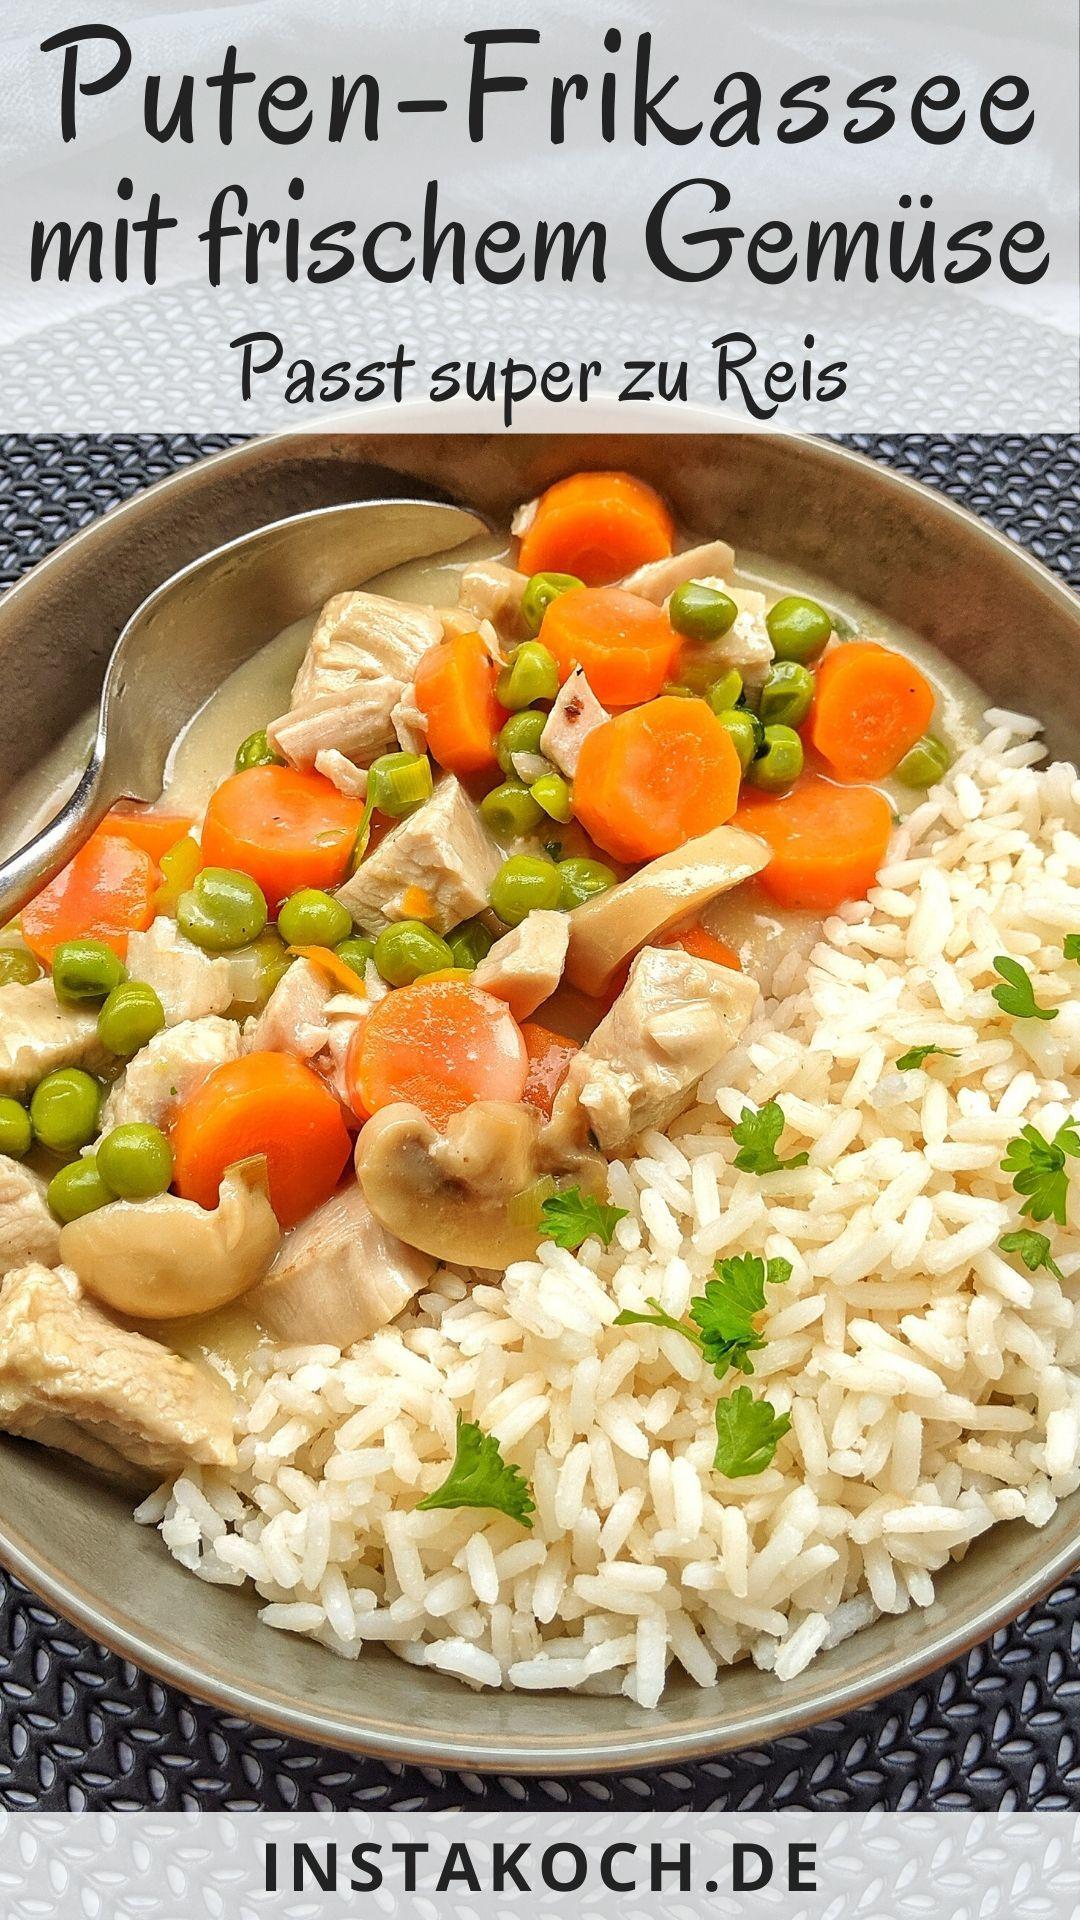 Putenfrikassee mit Reis  Einfaches Frikassee Rezept  schnell selbst gemacht Hühnerfrikassee mit Reis kennen und lieben wir alle Mein Rezept für Putenfrikassee m...